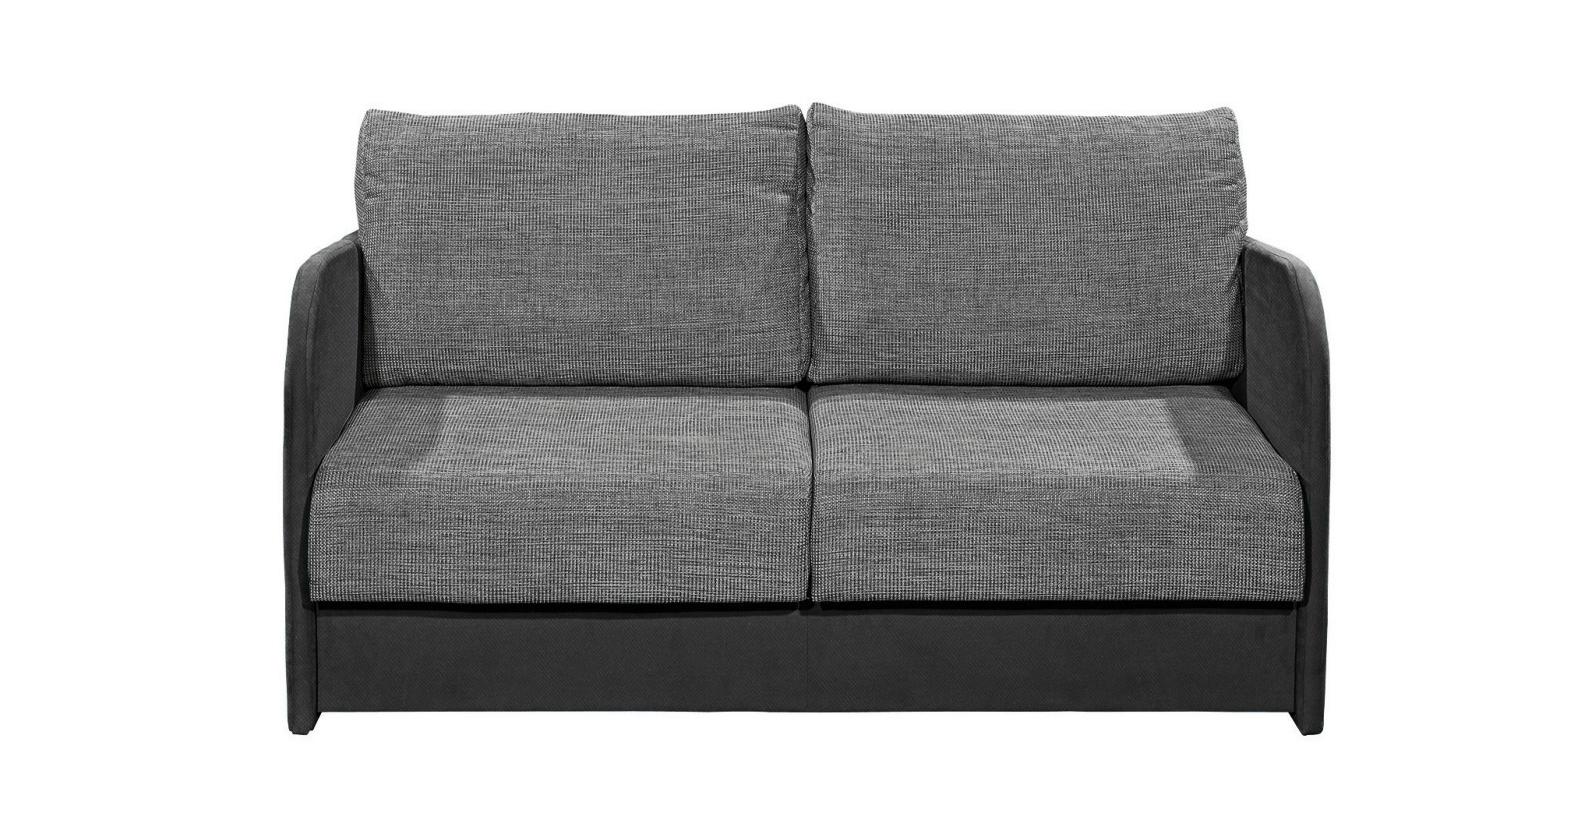 polsterland nagold doppelschlafsofa quattro. Black Bedroom Furniture Sets. Home Design Ideas